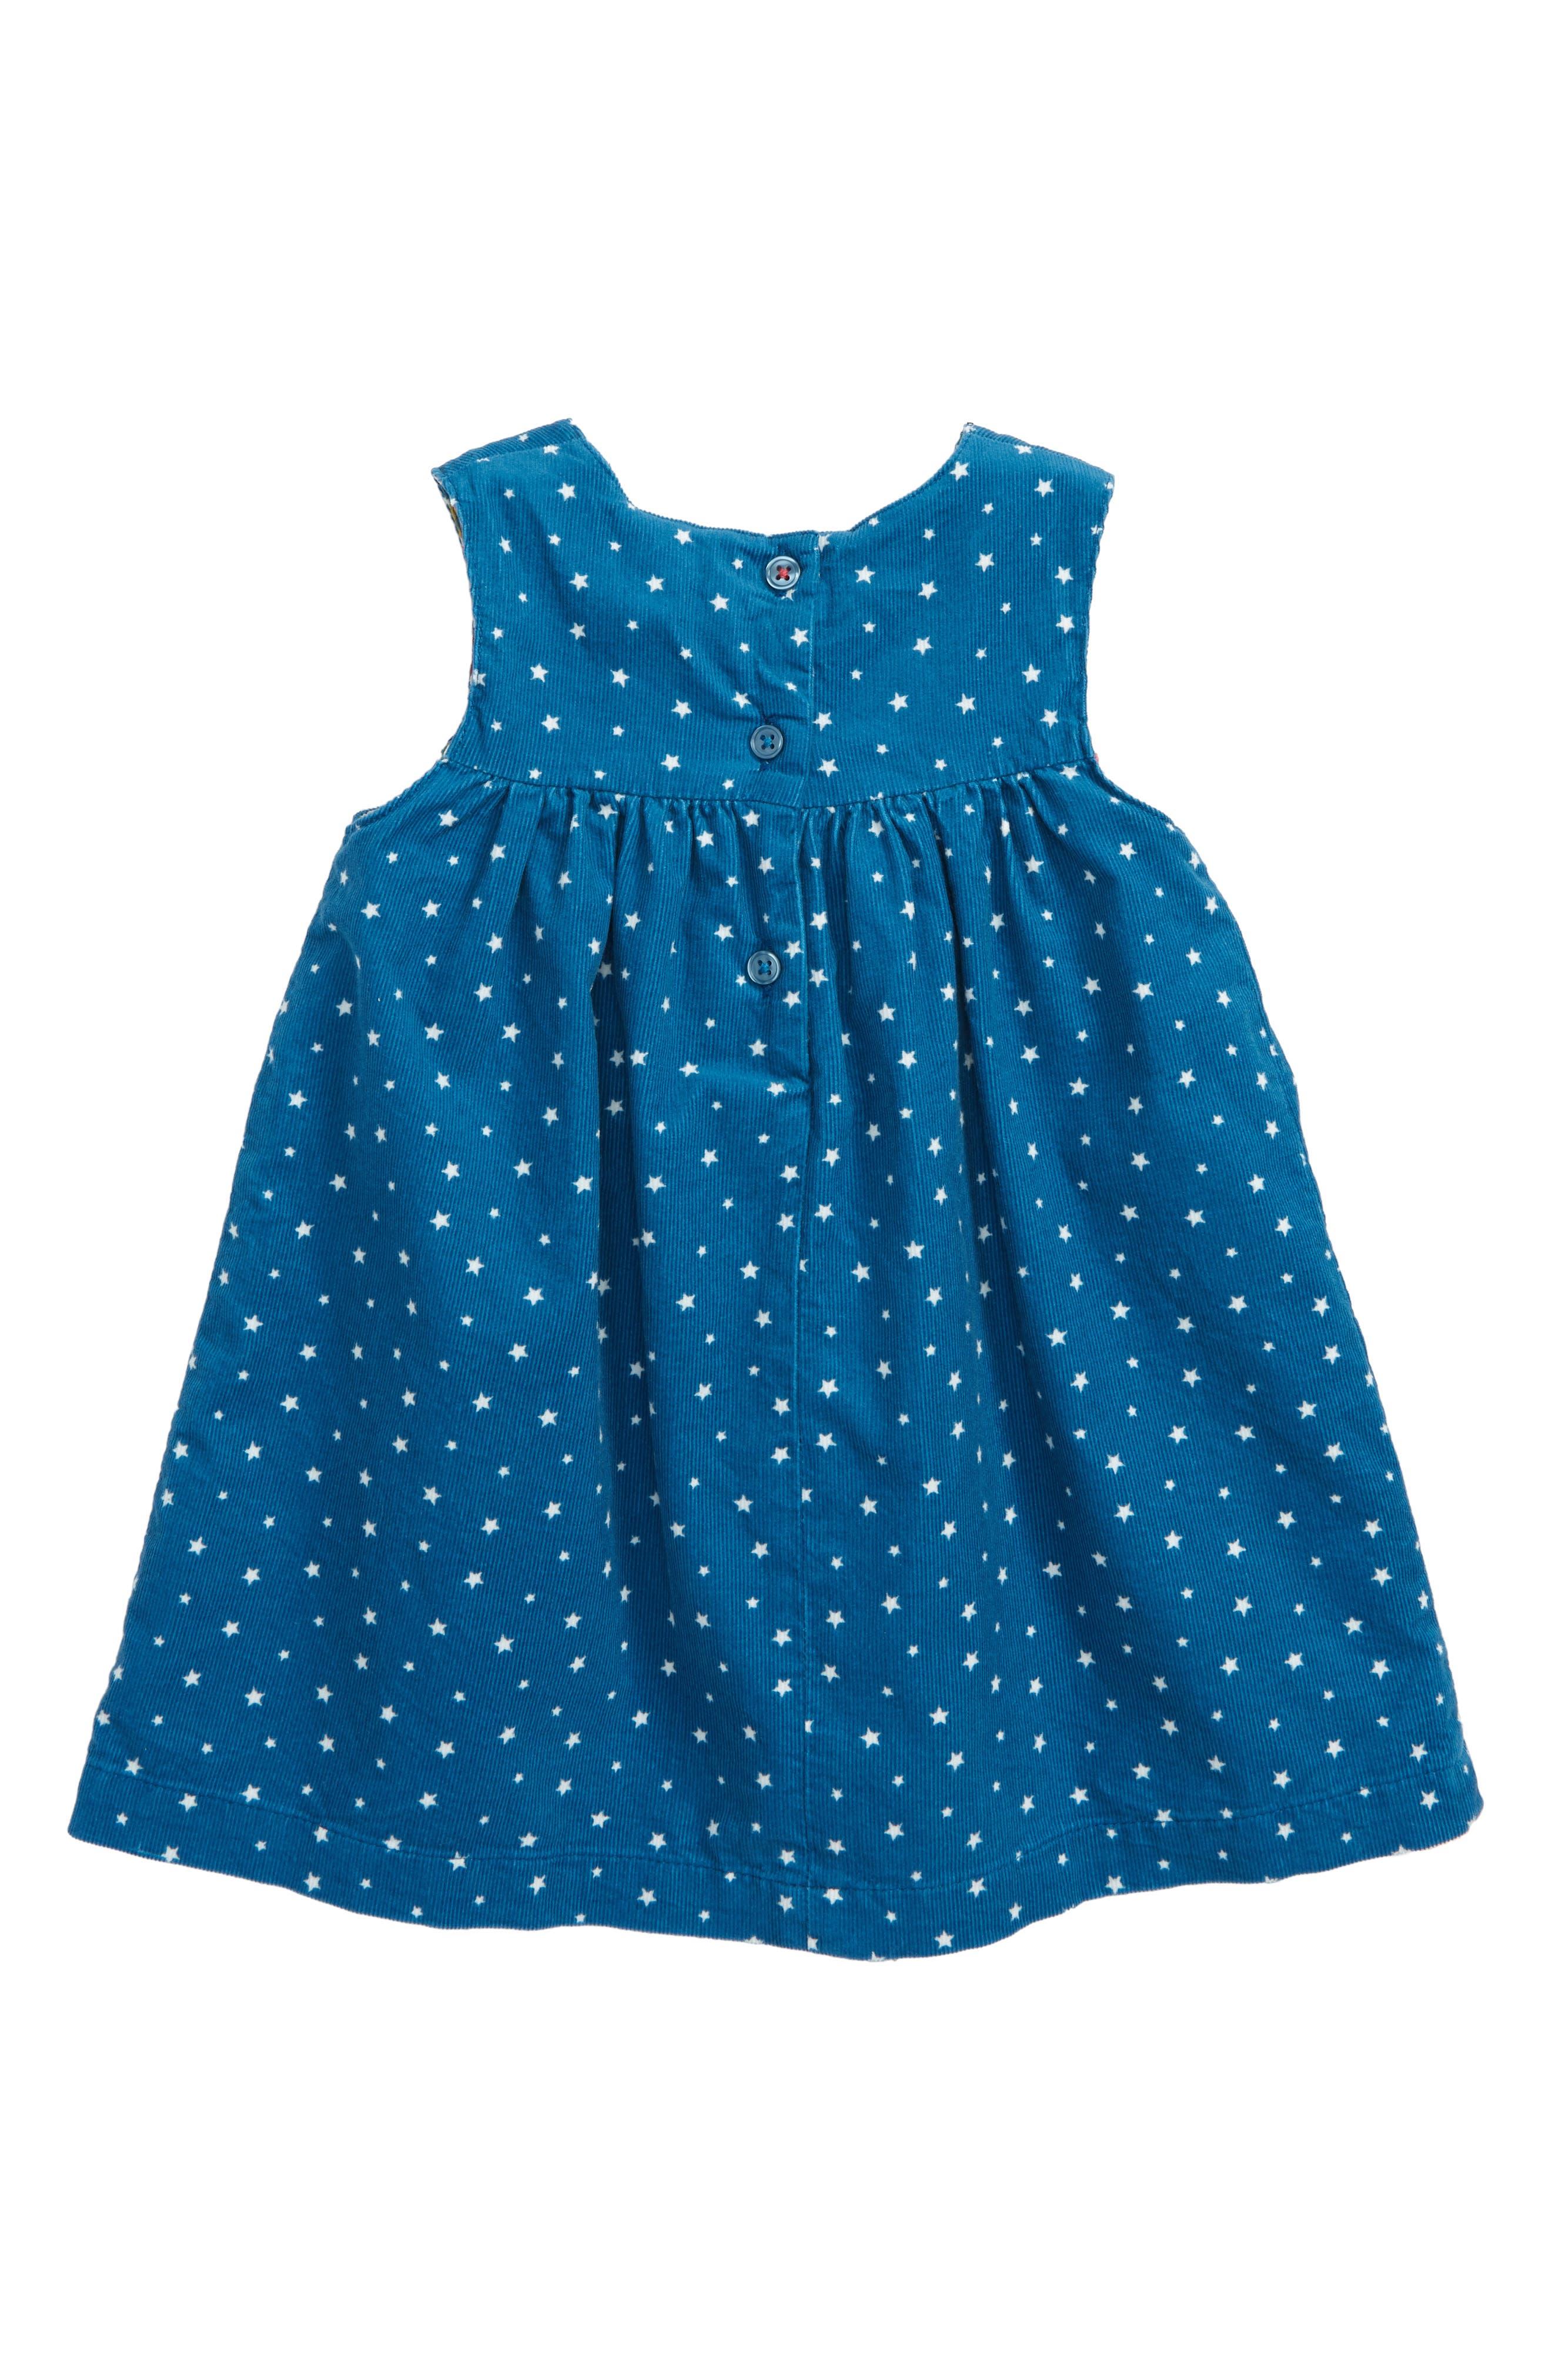 Appliqué Friends Corduroy Dress,                             Alternate thumbnail 2, color,                             400